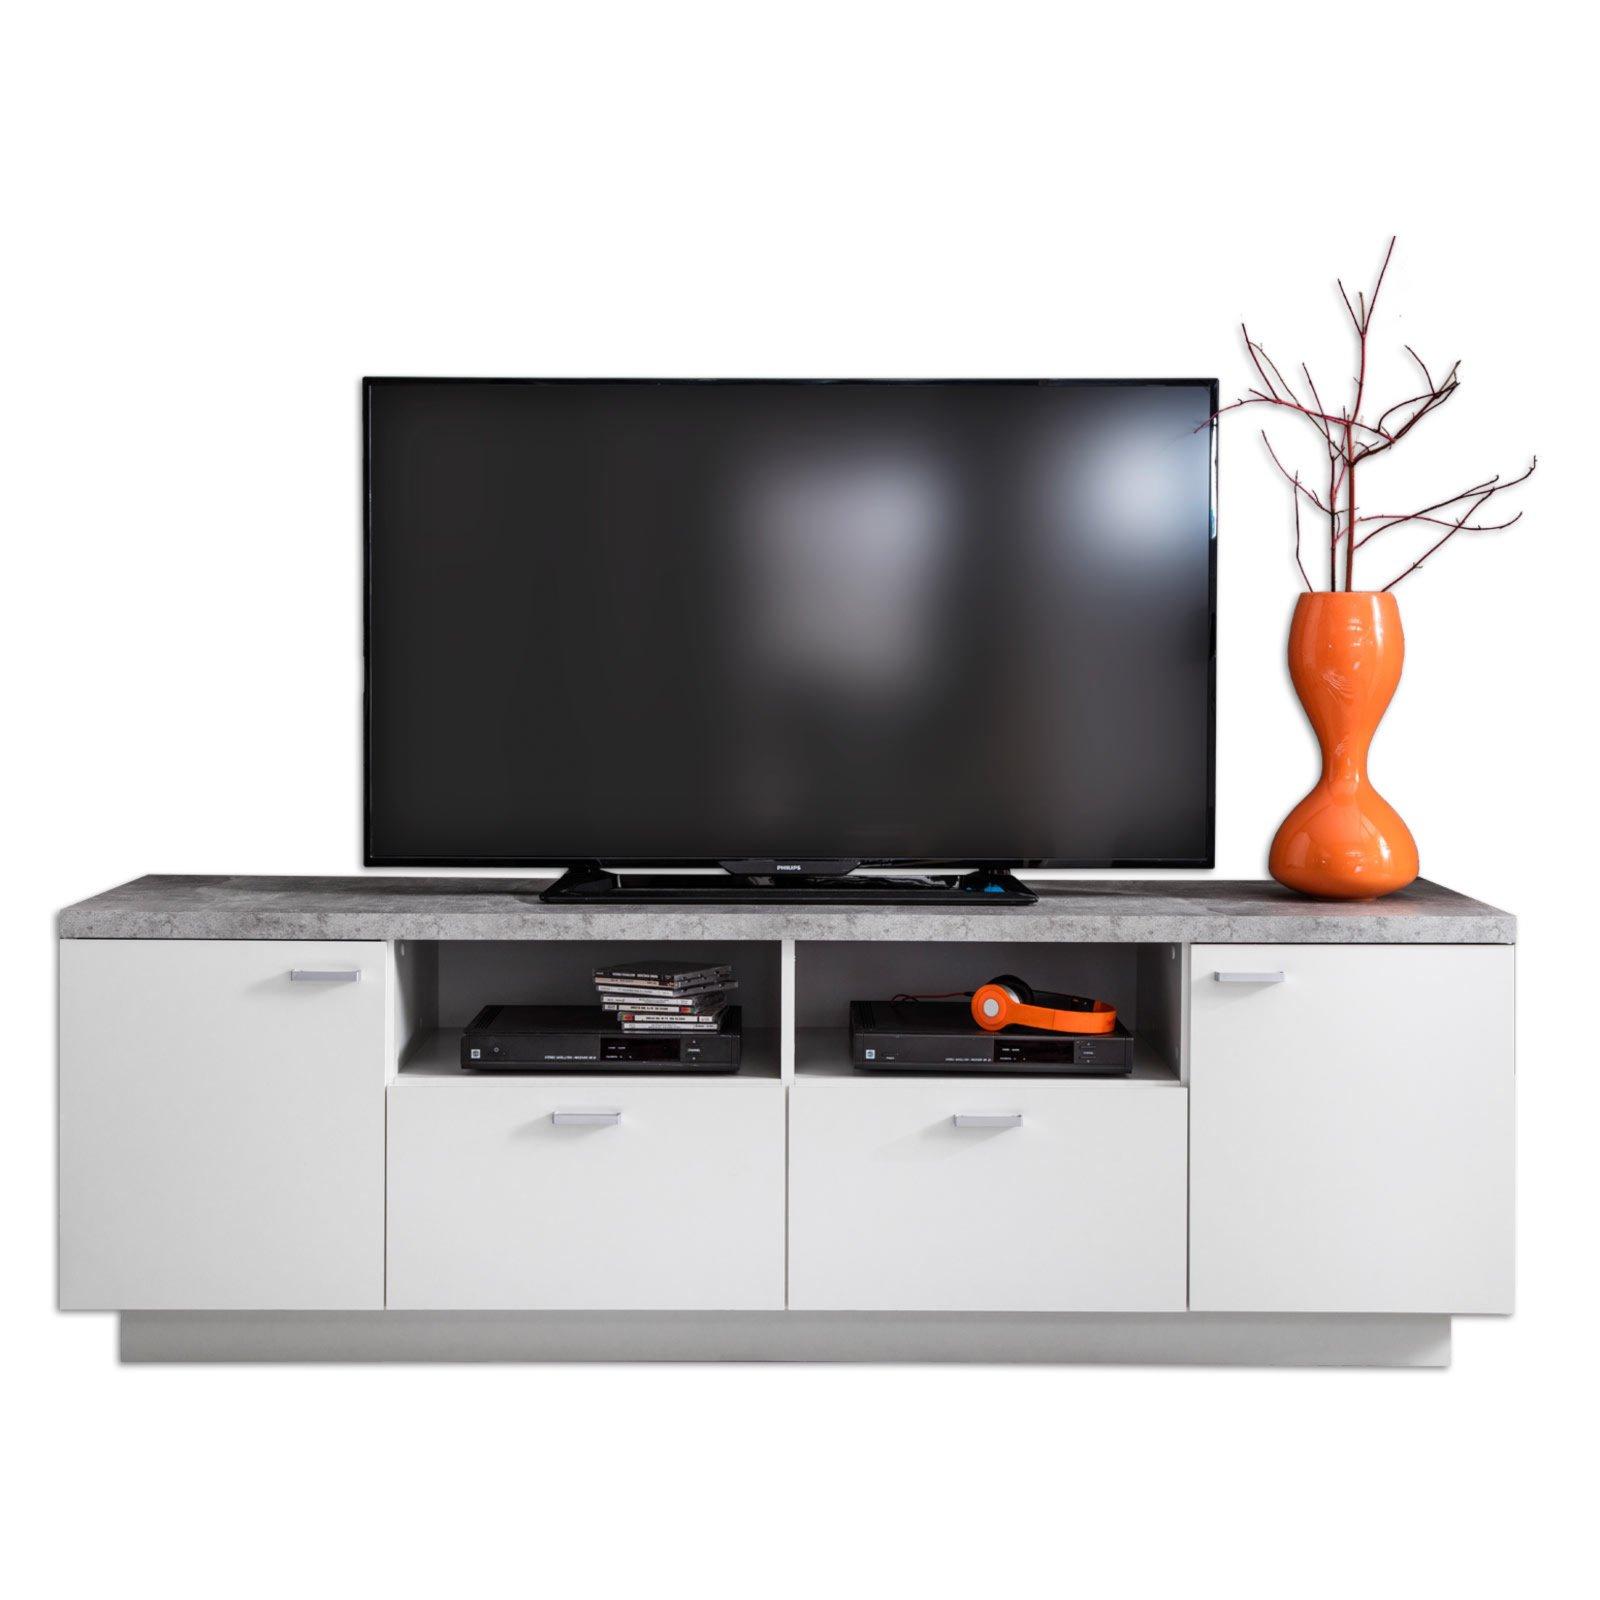 Lowboard 180 Cm Breit : tv lowboard center wei beton 180 cm breit online ~ Watch28wear.com Haus und Dekorationen